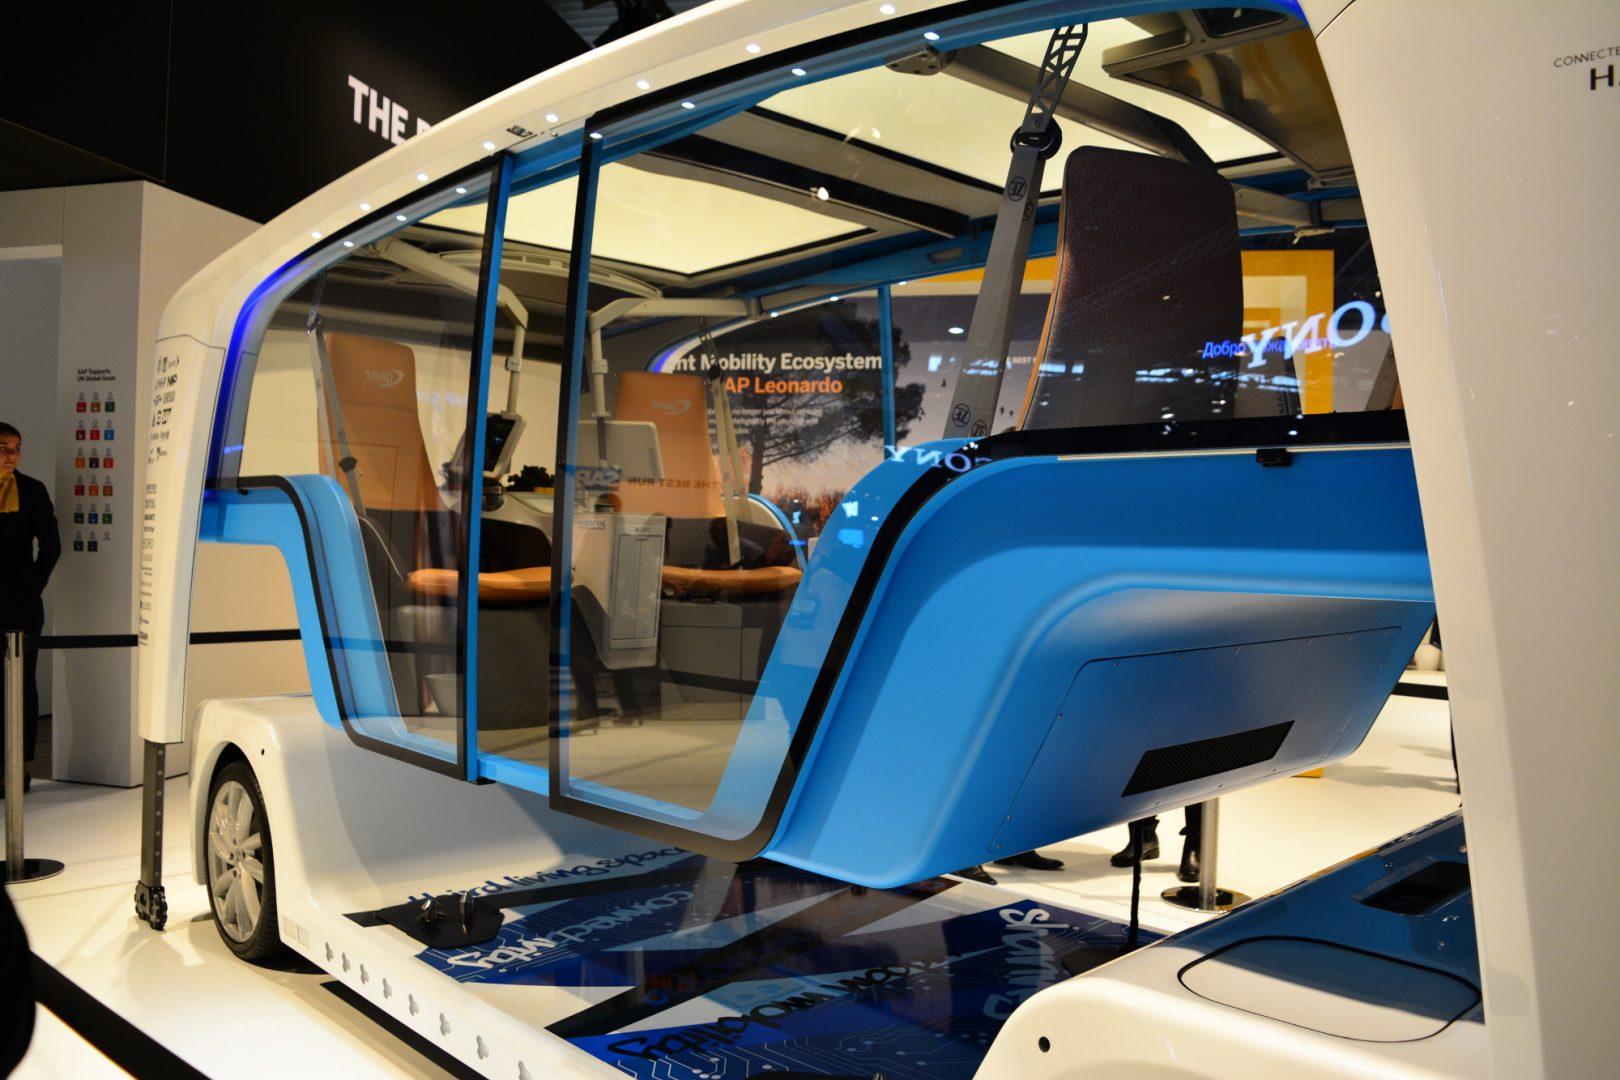 Този многофункционален безпилотен минибус е предназначен да вози няколко пътника едновременно. Разработен е от Rinspeed в партньорство с около 25 компании. Той е с изцяло електрическо задвижване и много повече прилича на малък градски автобус, отколкото на кола. По-интересното е, че той може да се превръща в товарно превозно средство. За целта корпусът на возилото може да се повдига над шасито, за да е лесно товаренето на стоките.